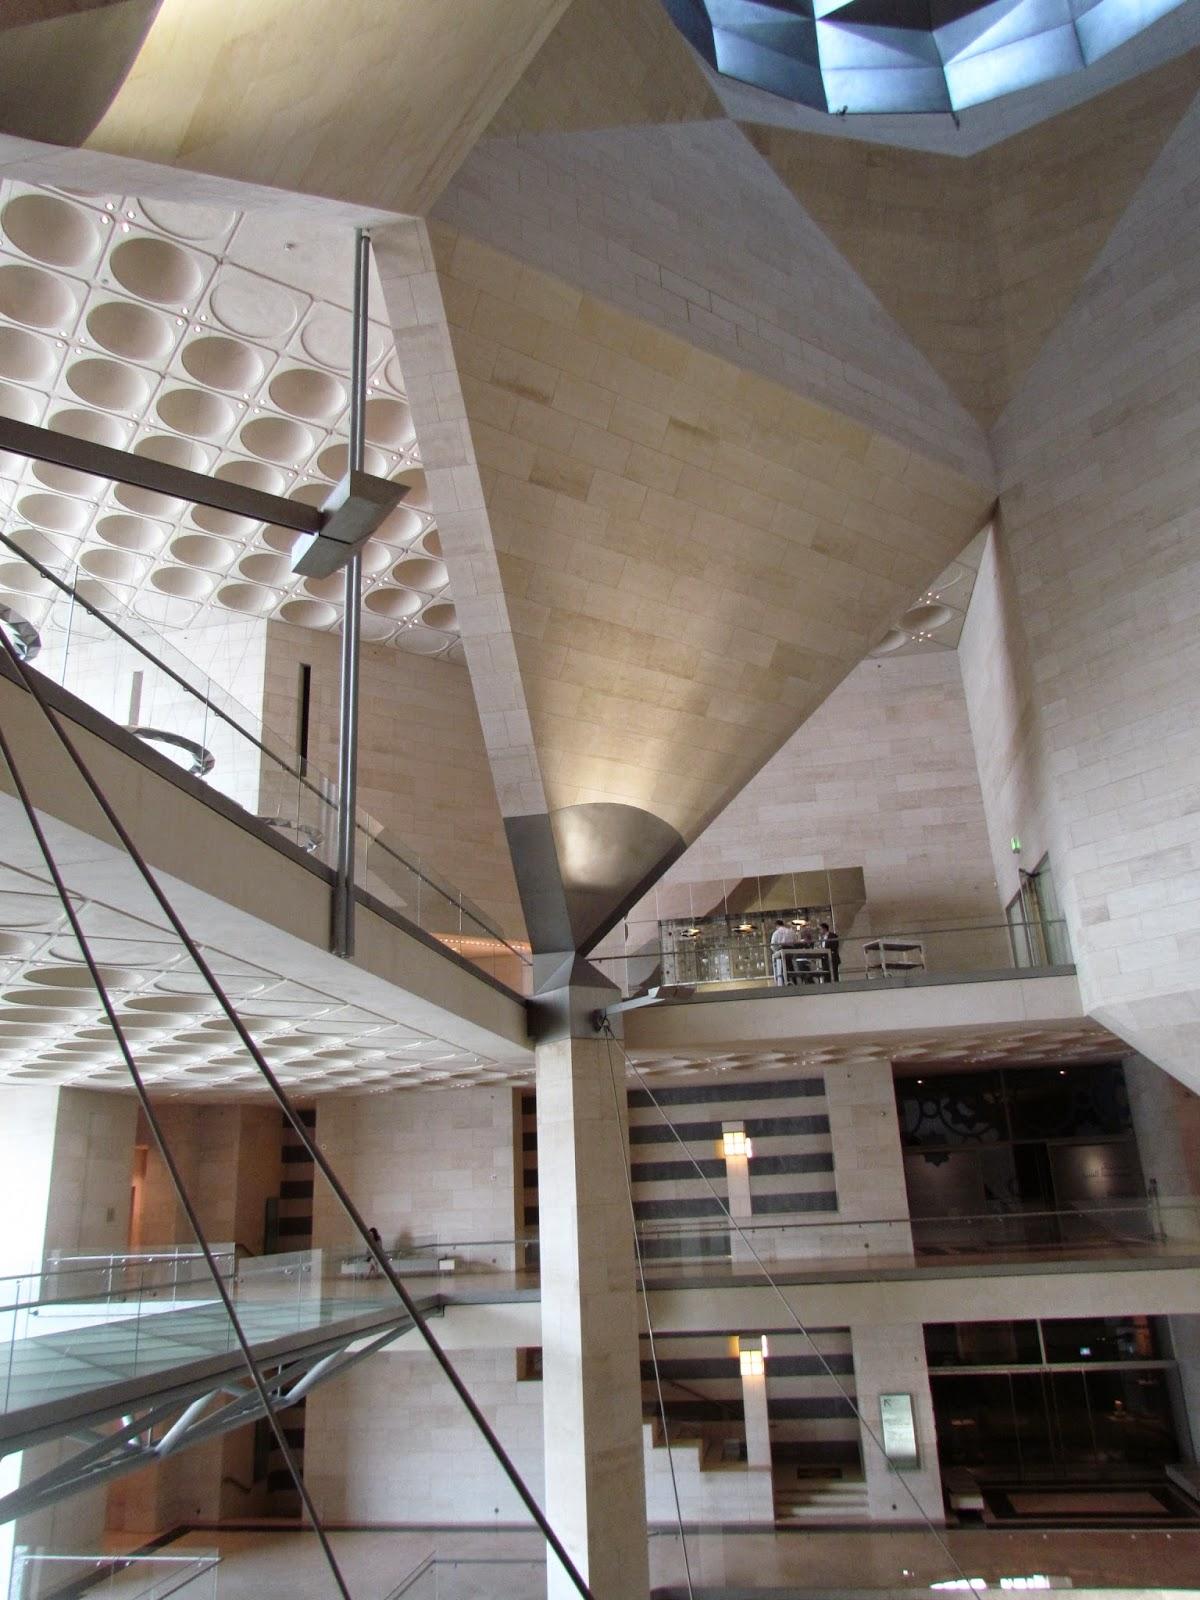 Escadas Bonitas Papel De Parede Janela Arrepiante Horror Construo  -> Fotos De Paredes Bonitas